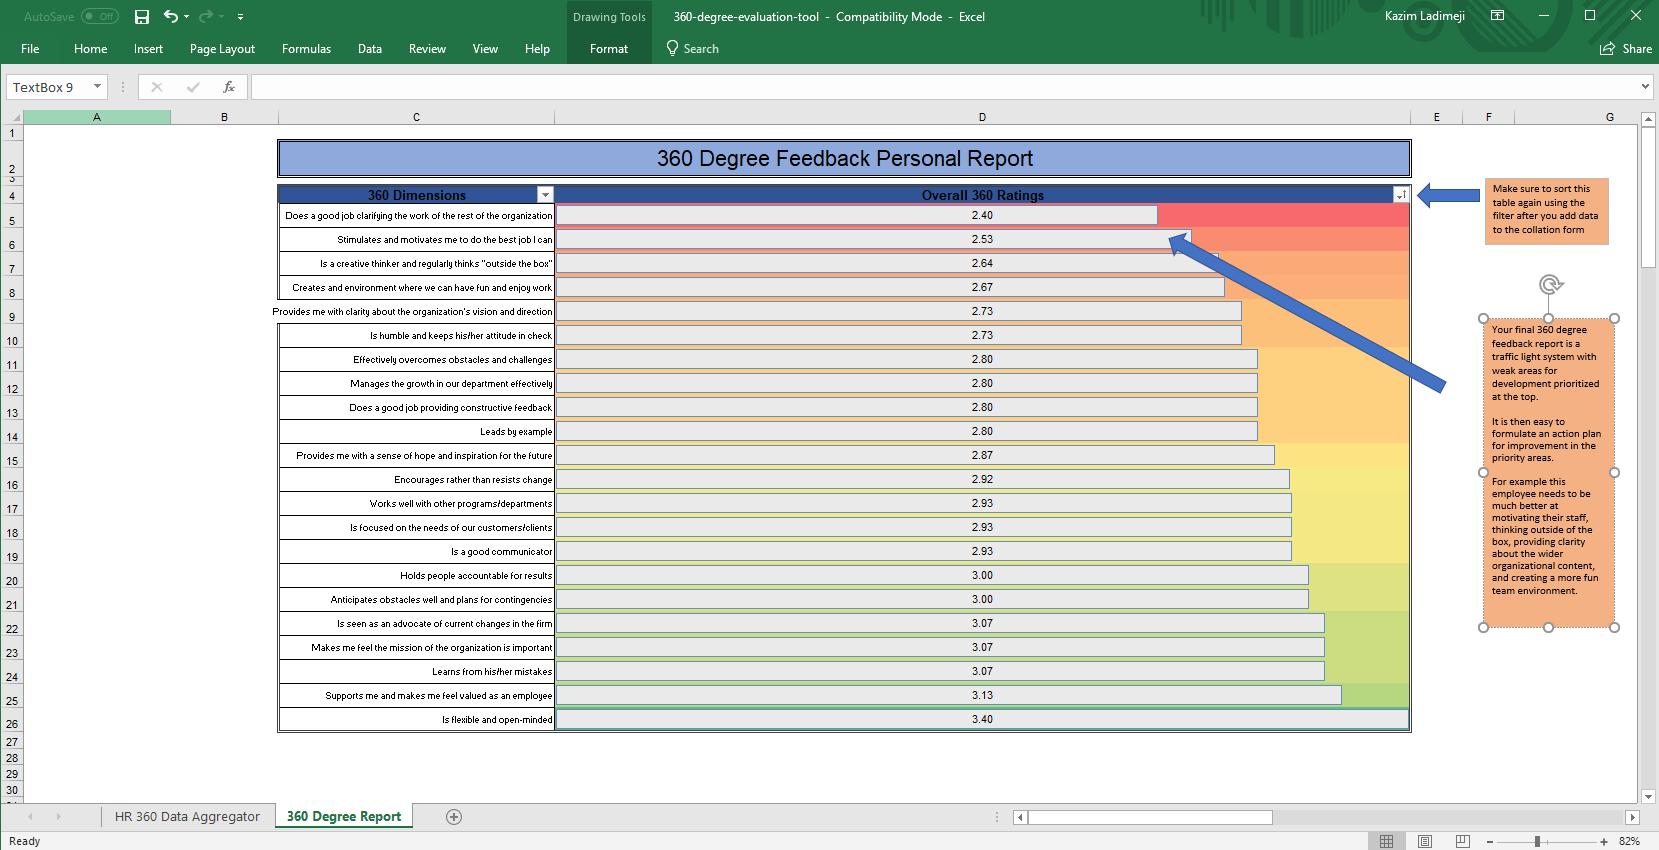 Stafftrak 360 Excel Based 360 Degree Feedback System